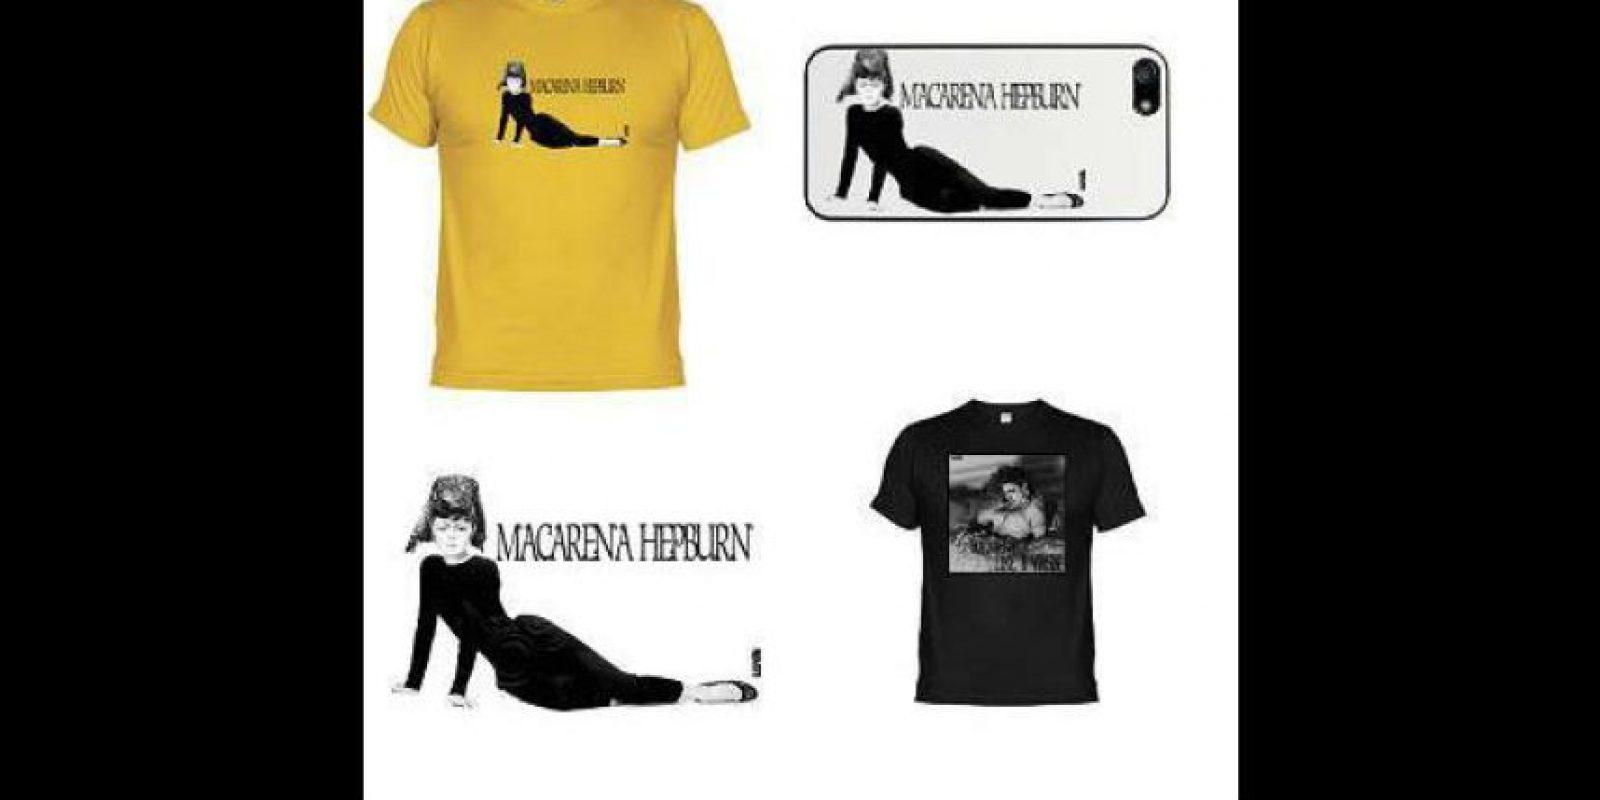 """Otra de las prendas de la empresa """"Blasphemia T-Shirts"""" presentaba la imagen de esta deidad pero en el cuerpo de la actriz Audrey Hepburn, protagonista de la cinta """"Breakfast at Tiffany's"""" (1961). Foto:Facebook"""